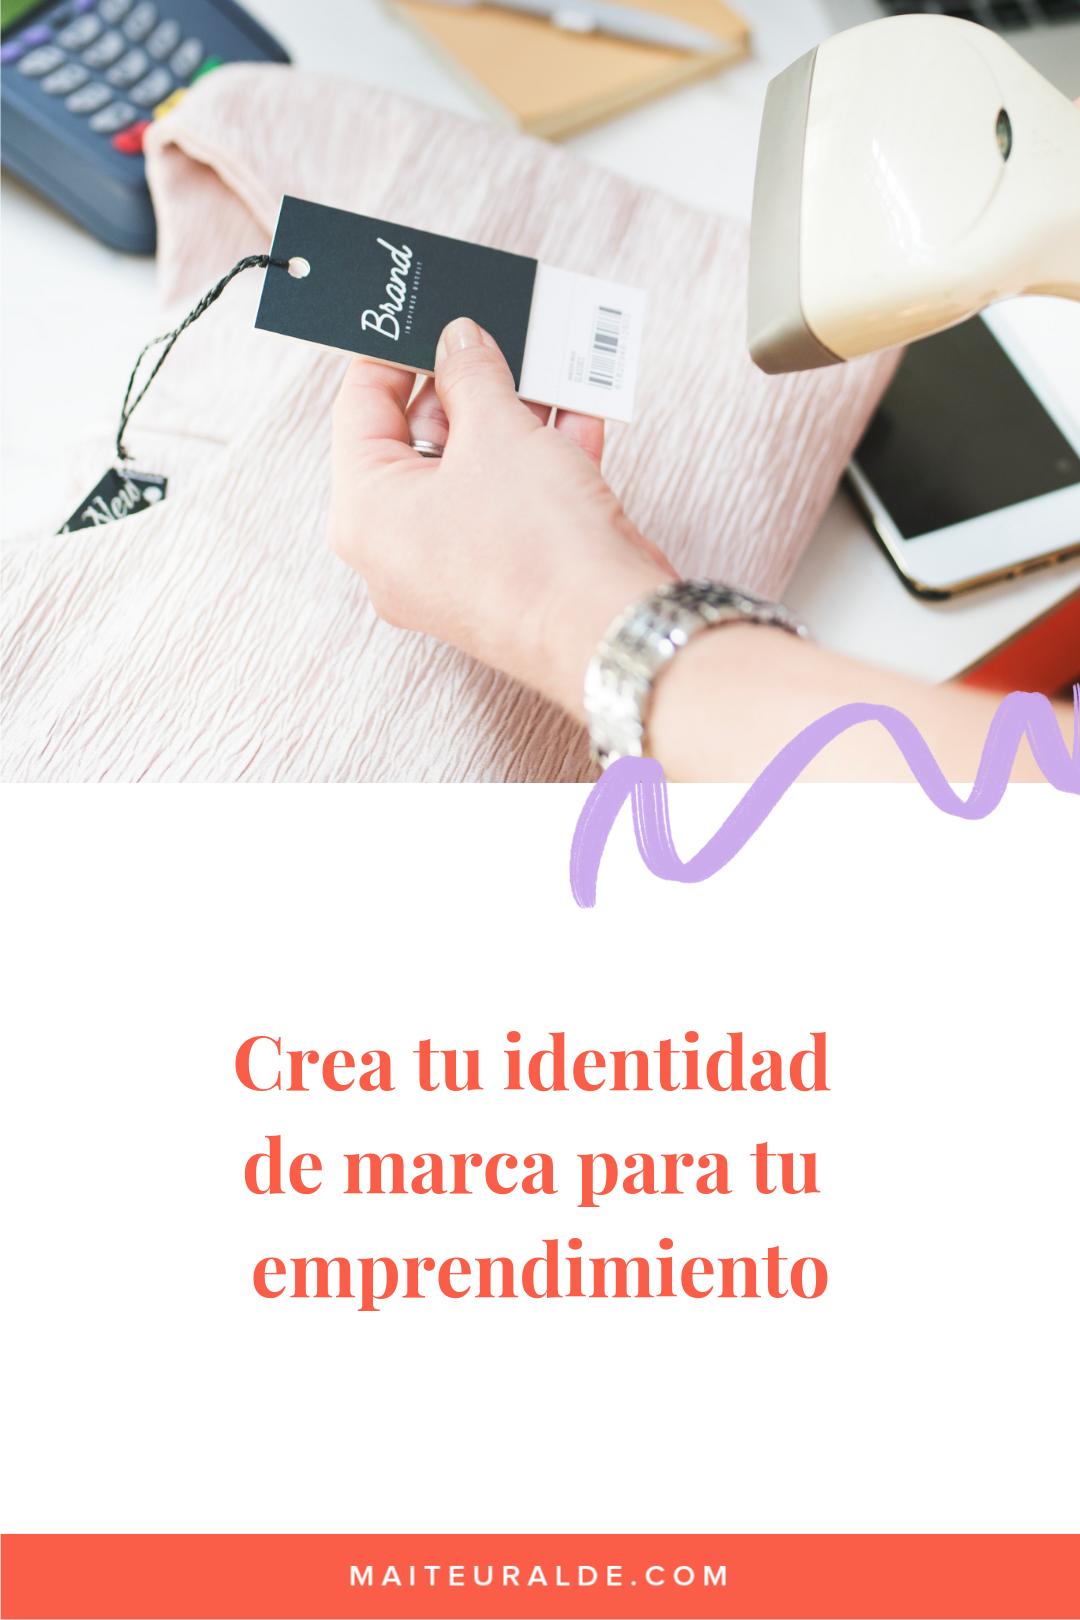 Instagram Live sobre cómo generar identidad de marca en nuestros emprendimientos